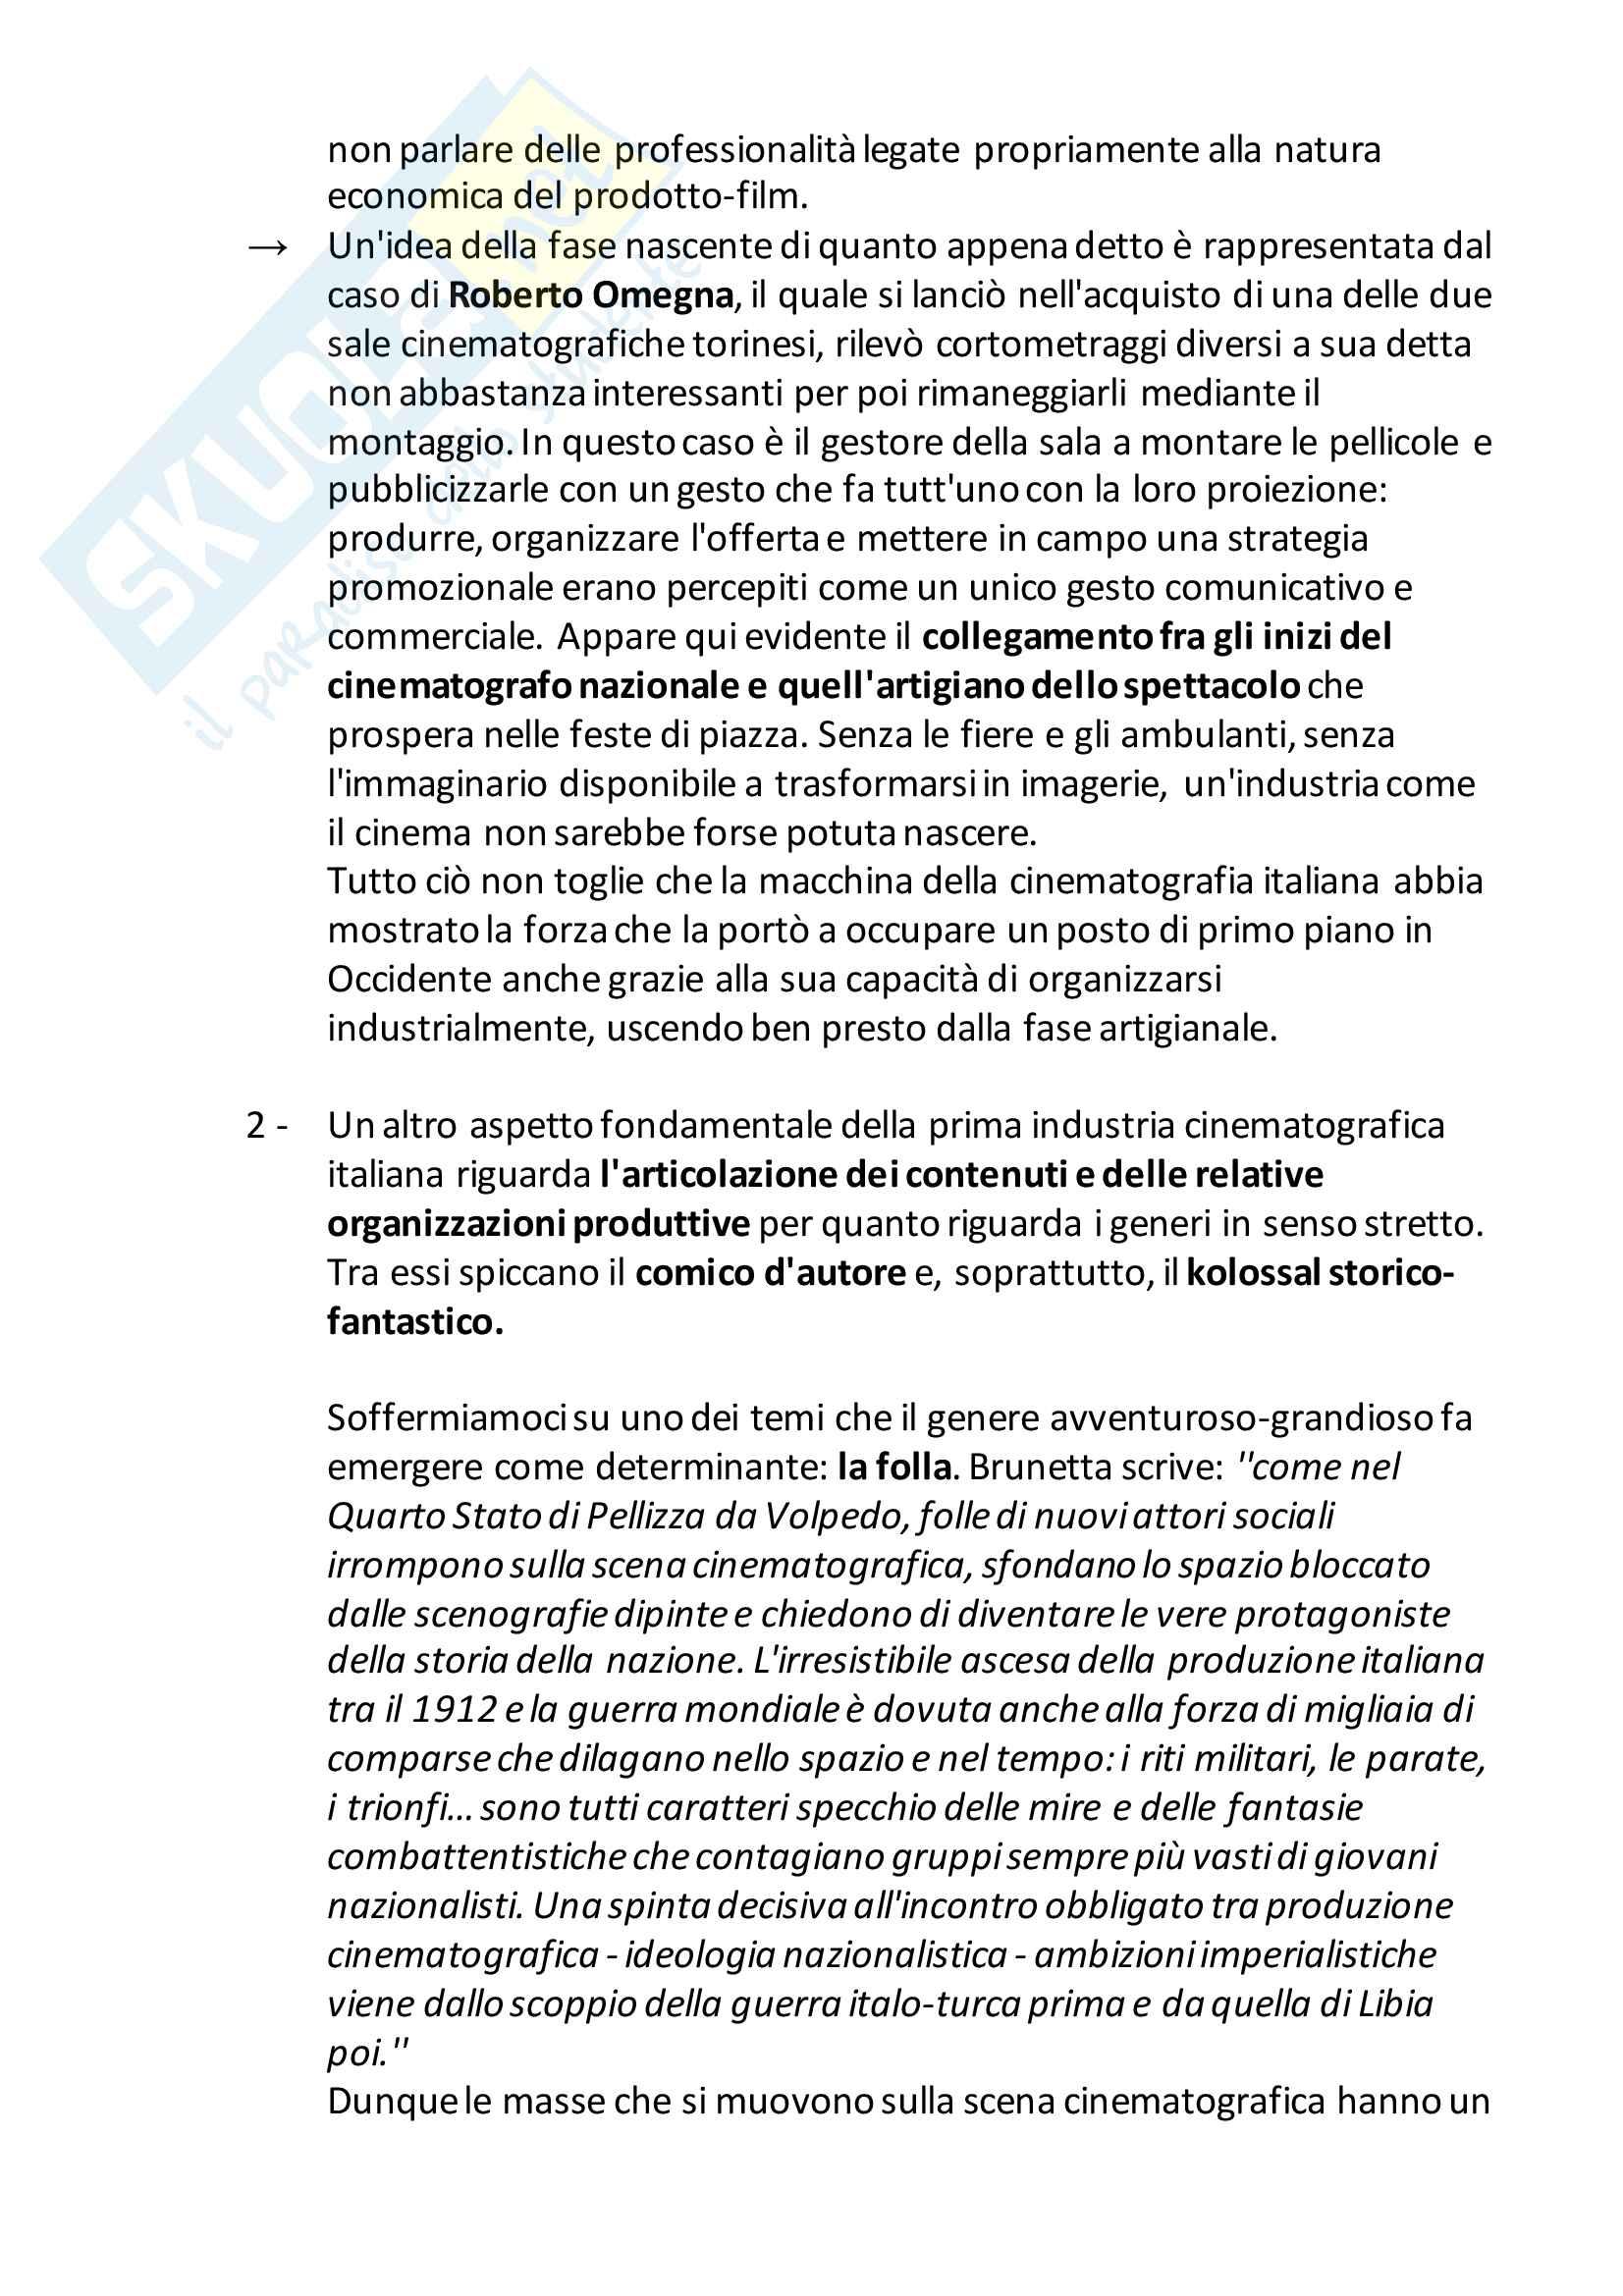 Appunti: 3- L'industria dell'immaginario (1900-18), La Cultura Sottile. Esame di Teorie della comunicazione e dei media, F. Colombo Pag. 11